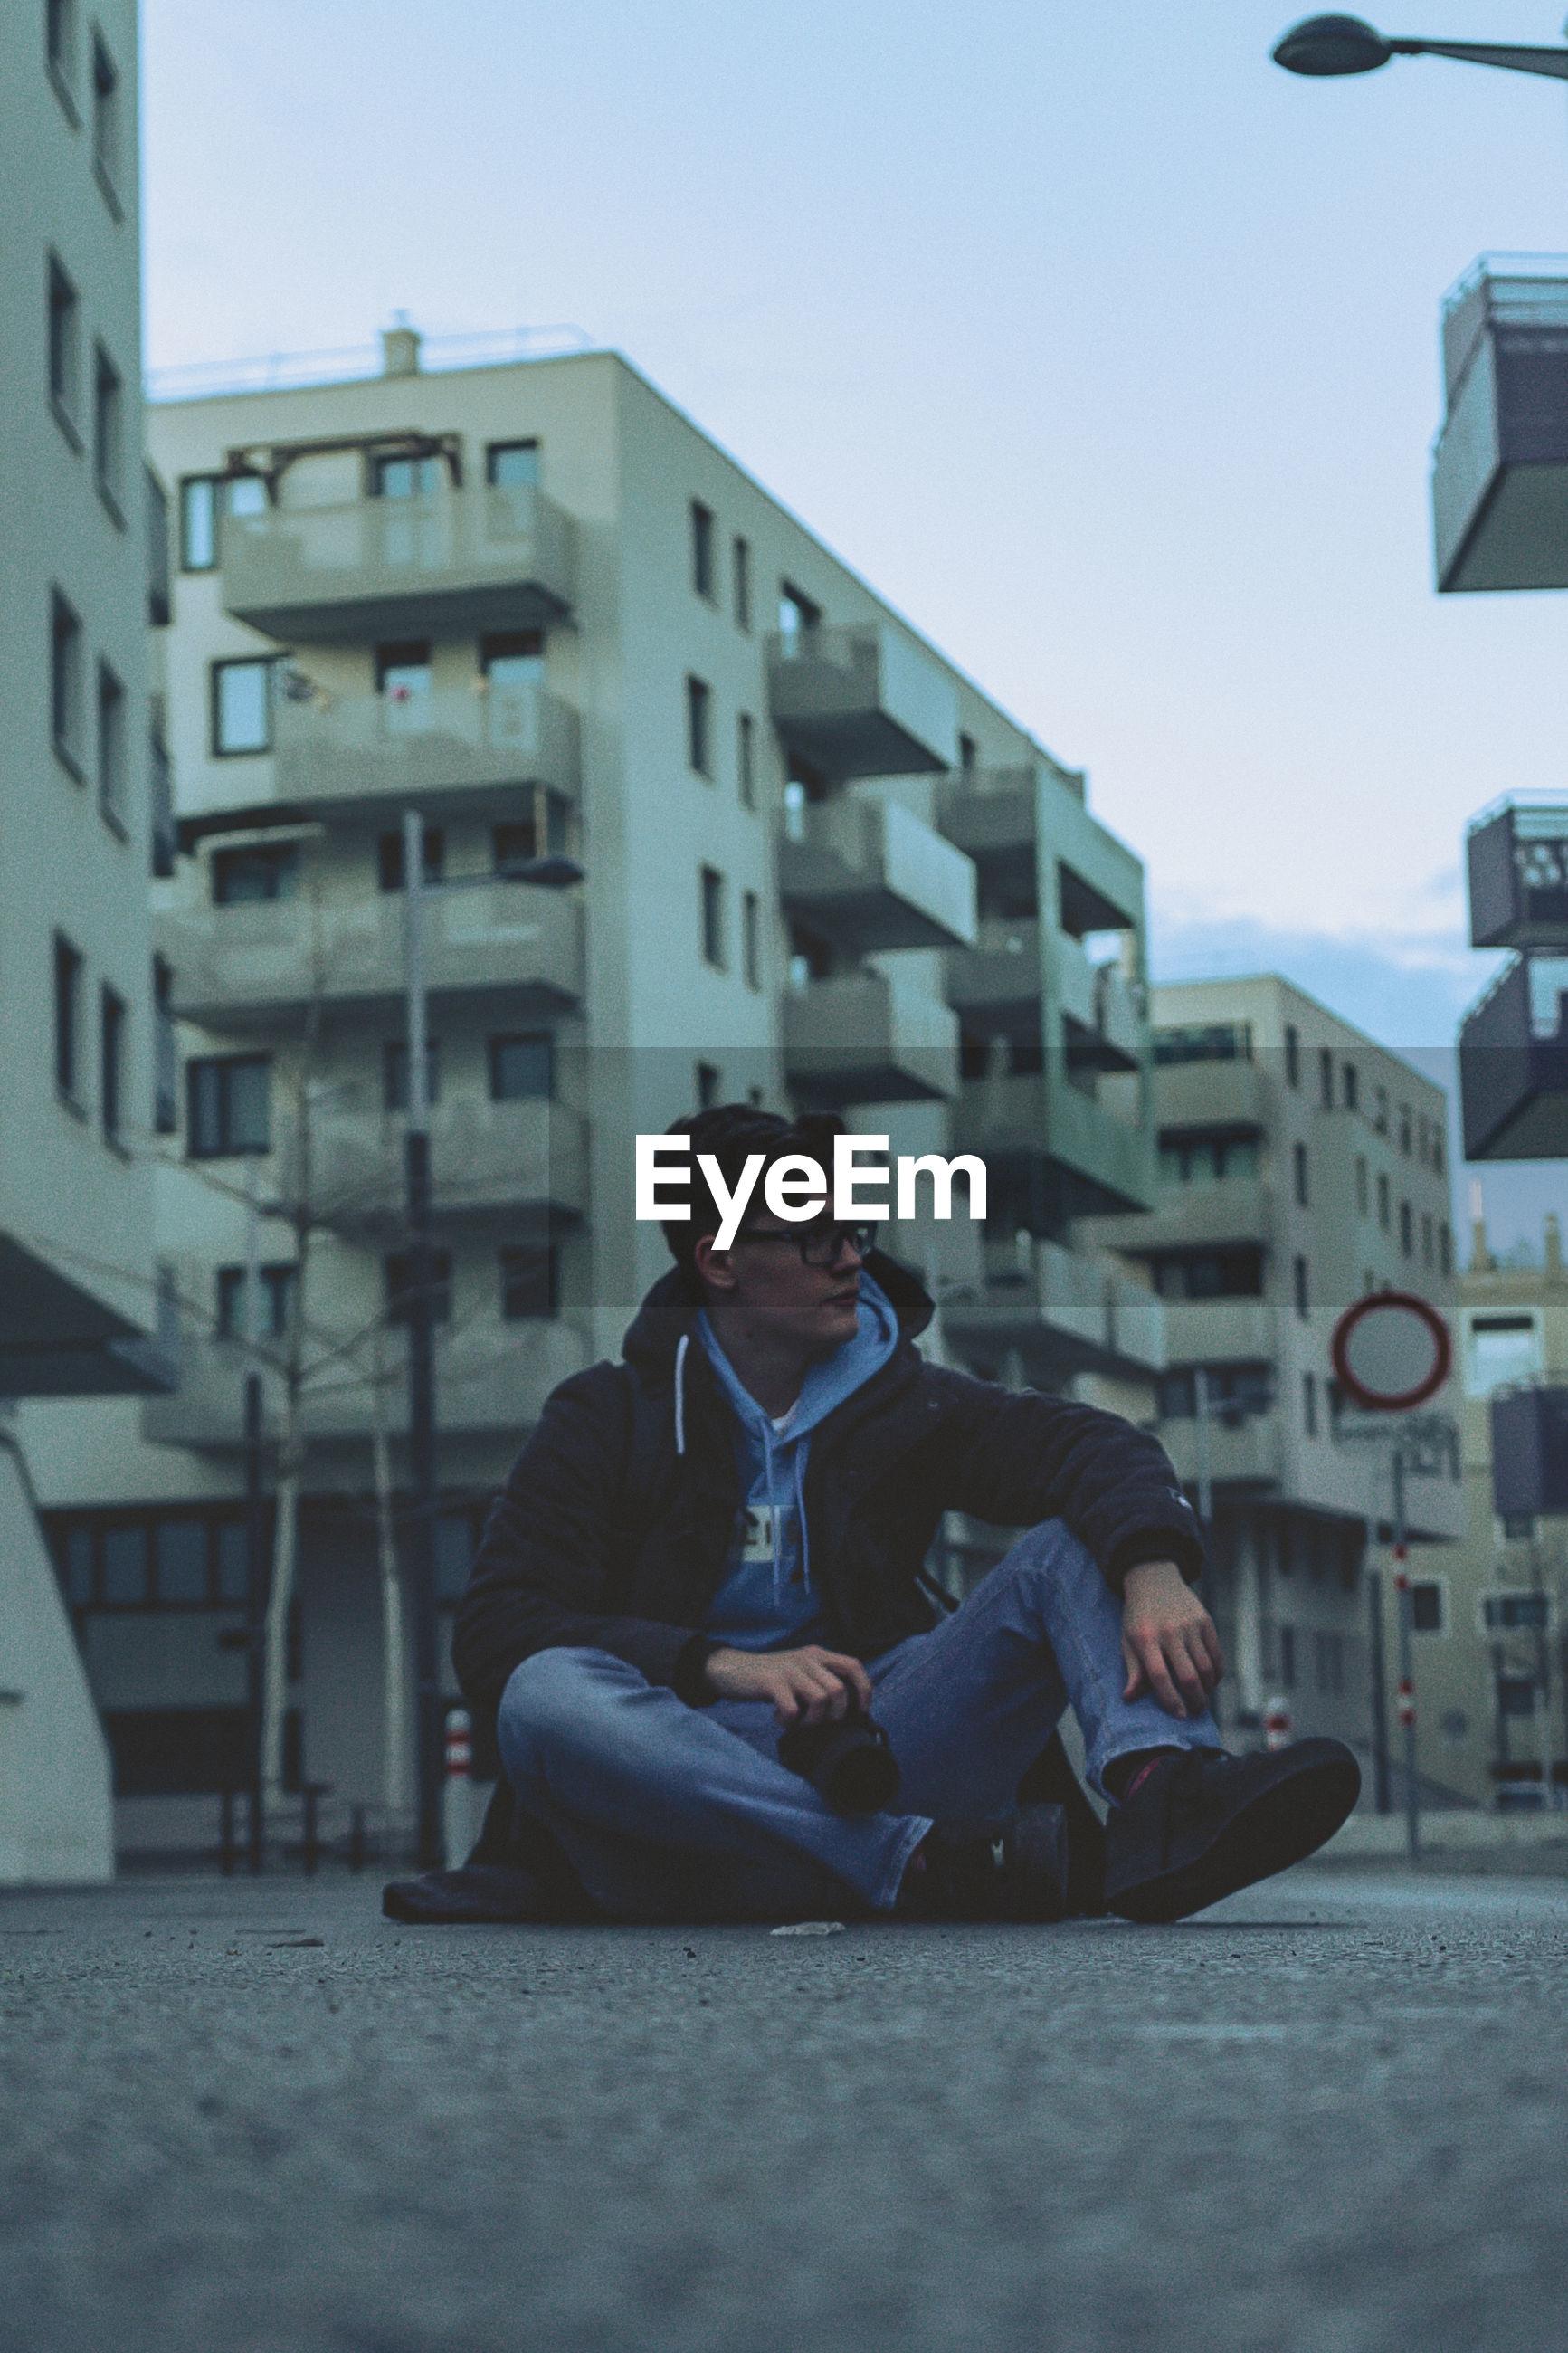 Man sitting against buildings in city